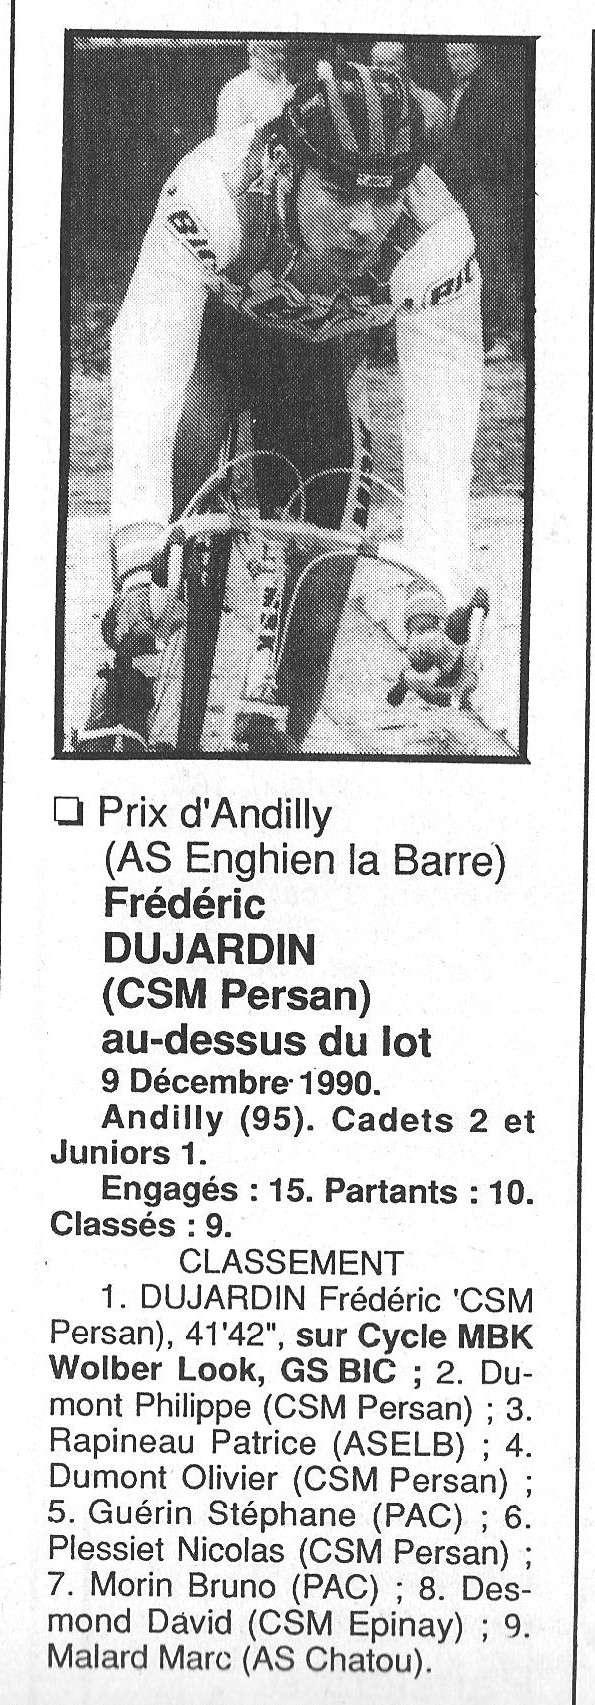 CSM.Persan. BIC. Toute une époque de janvier 1990 à novembre 2007 - Page 4 1990_231